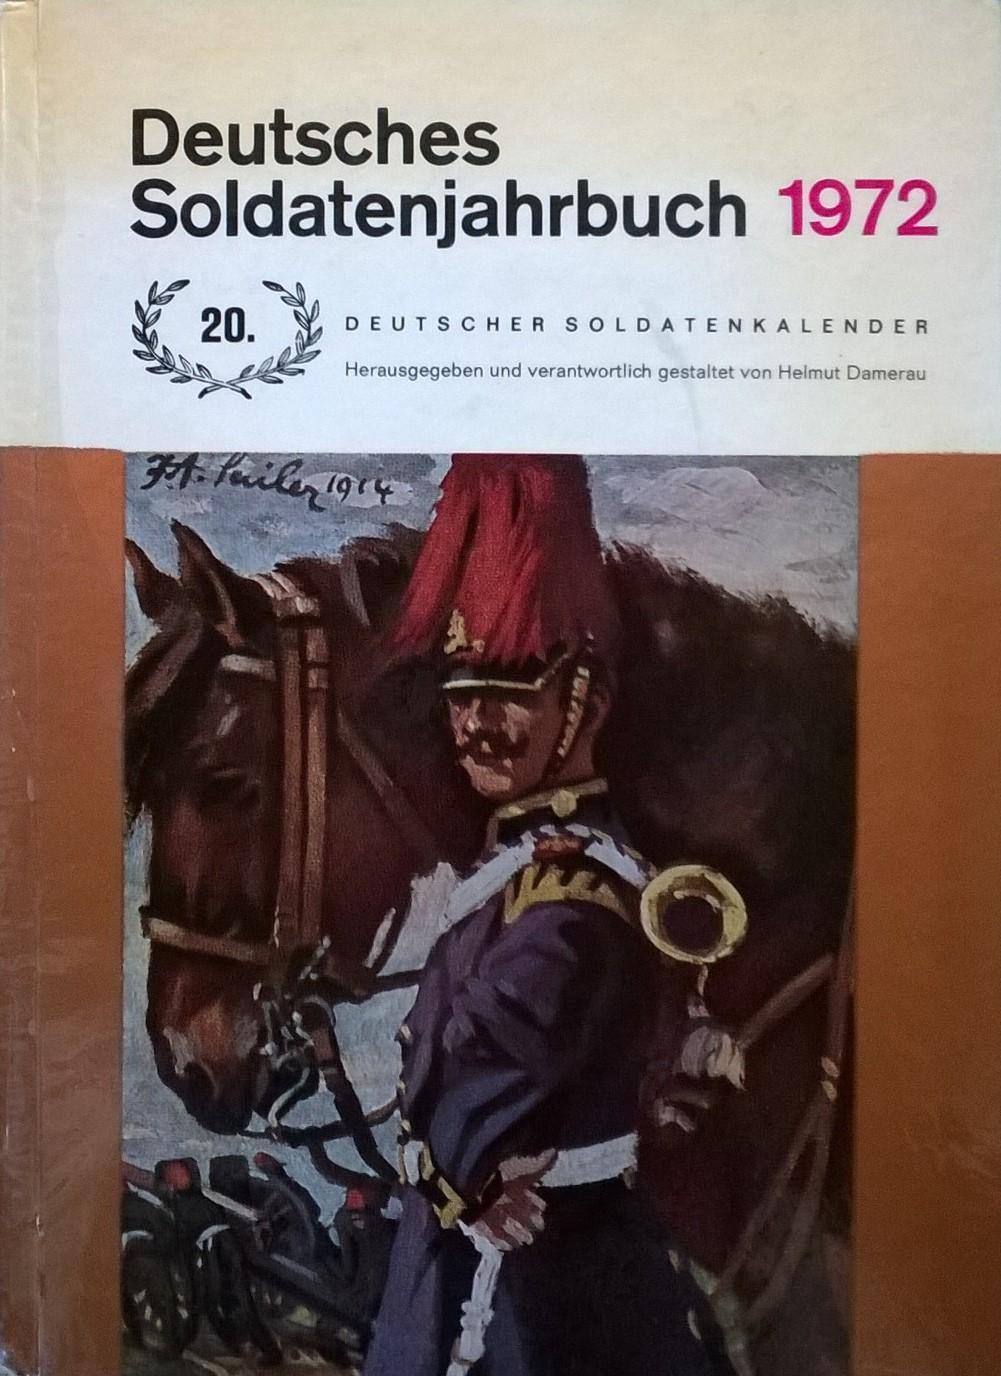 Damerau, Helmut (red.) Deutsches Soldatenjahrbuch 1972: Zwanzigster deutscher Soldatenkalender